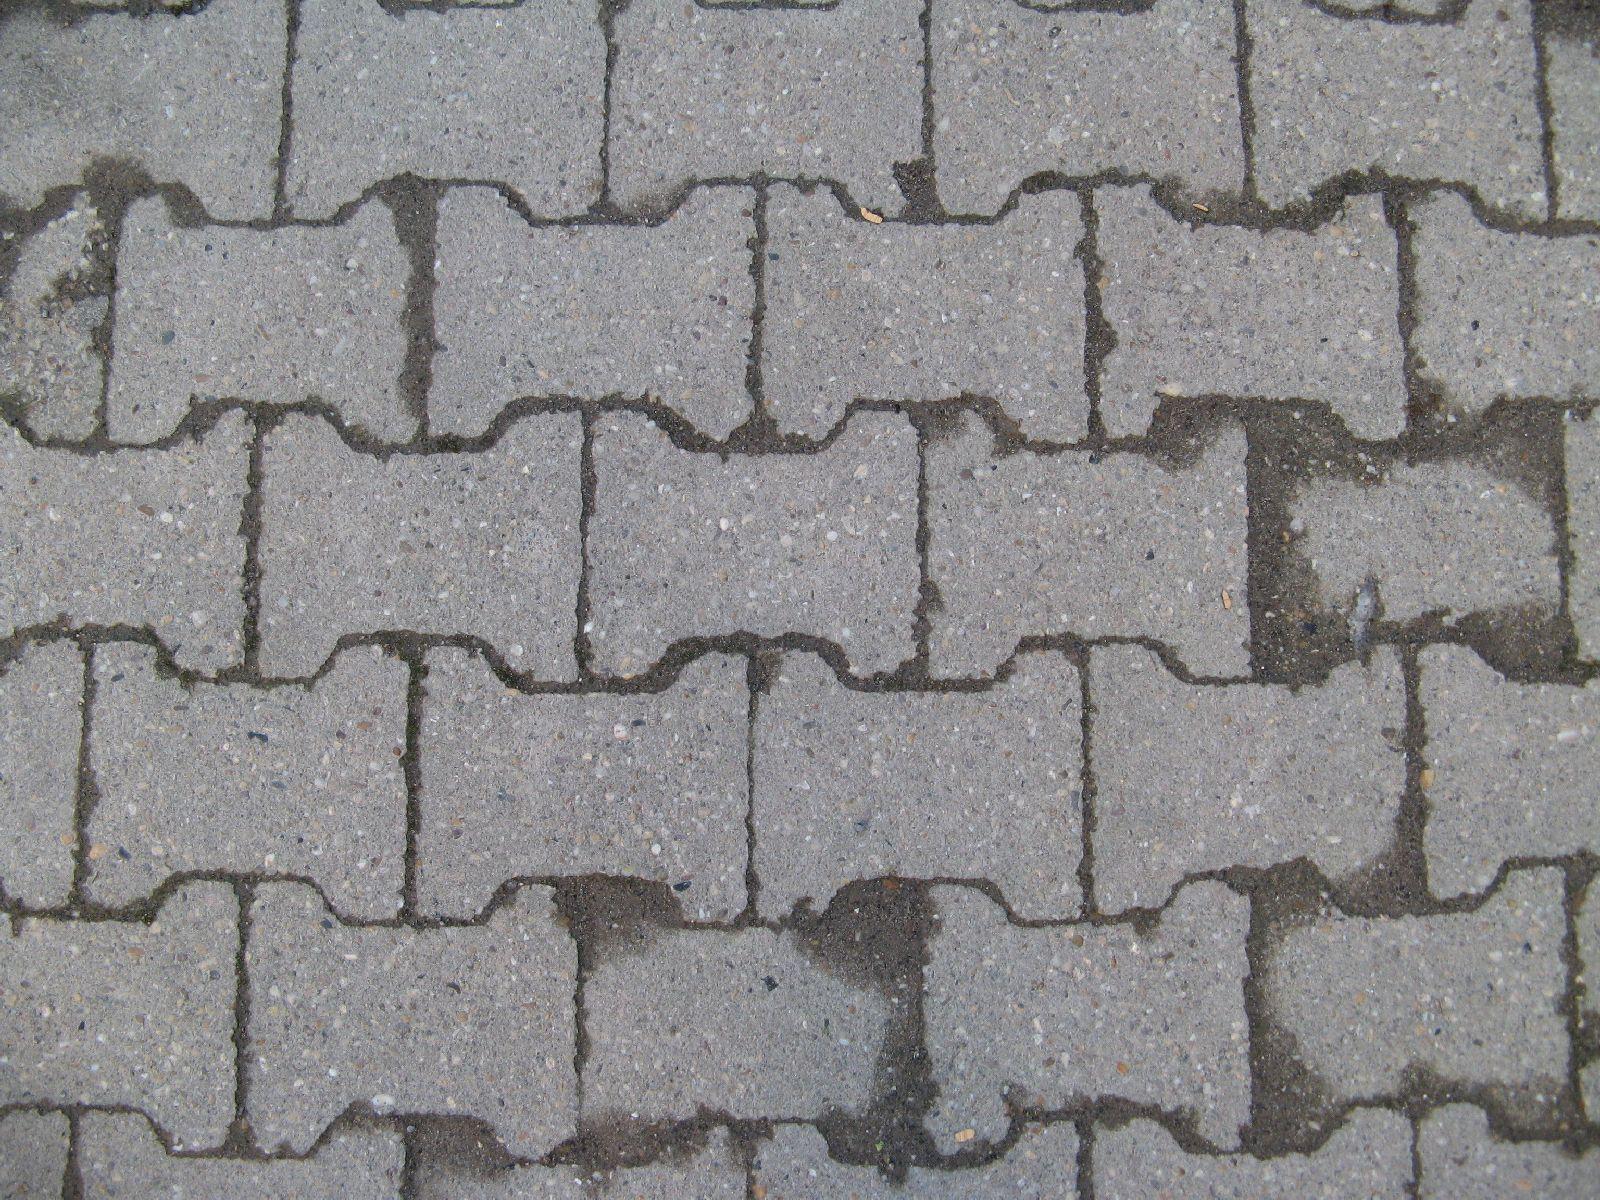 Ground-Urban_Texture_B_0624